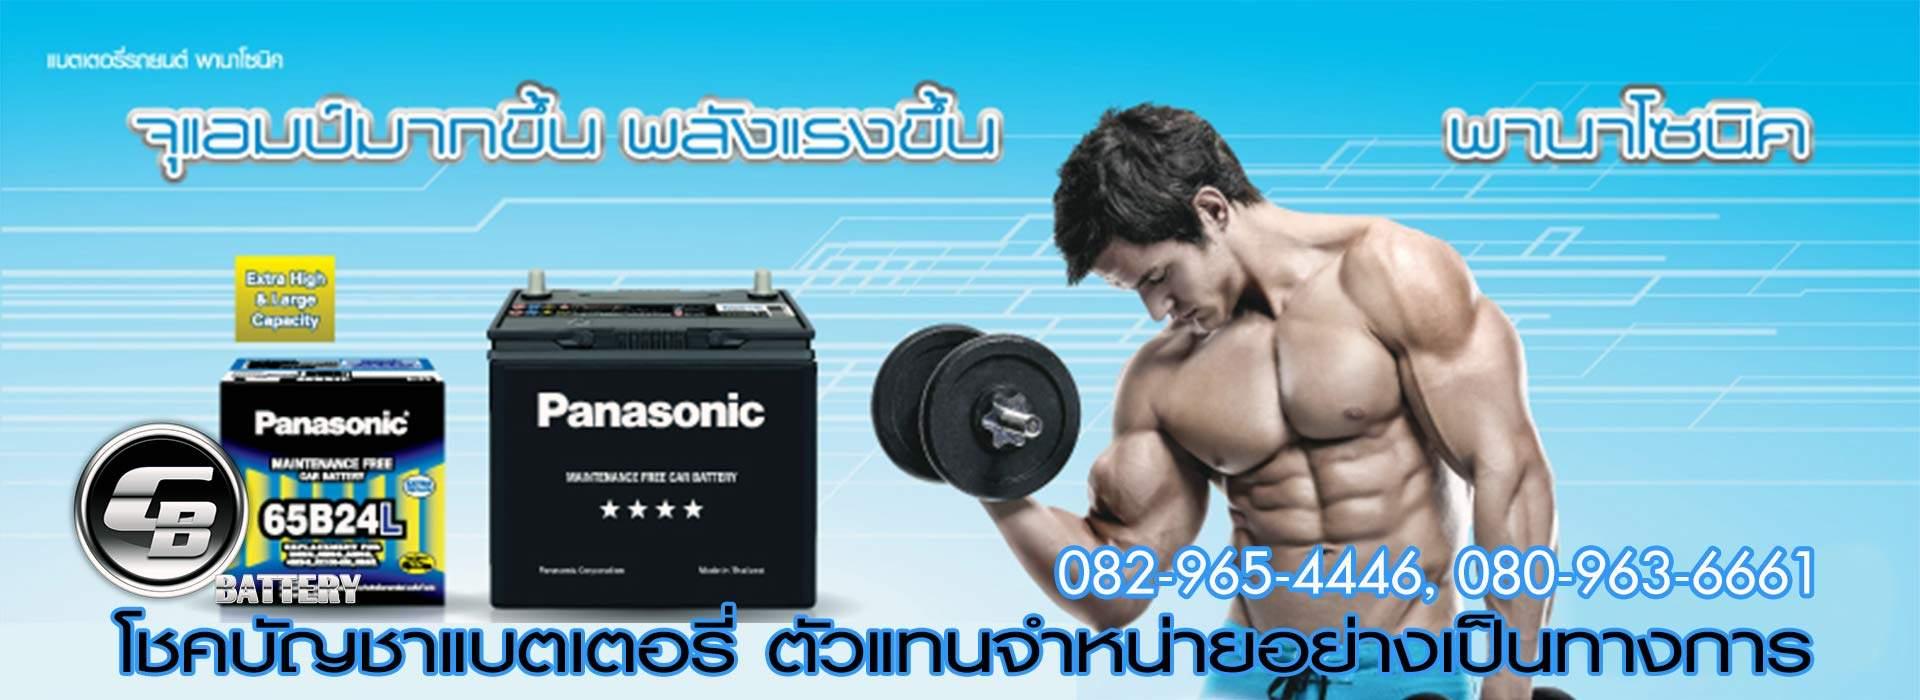 แบตเตอรี่ Panasonic